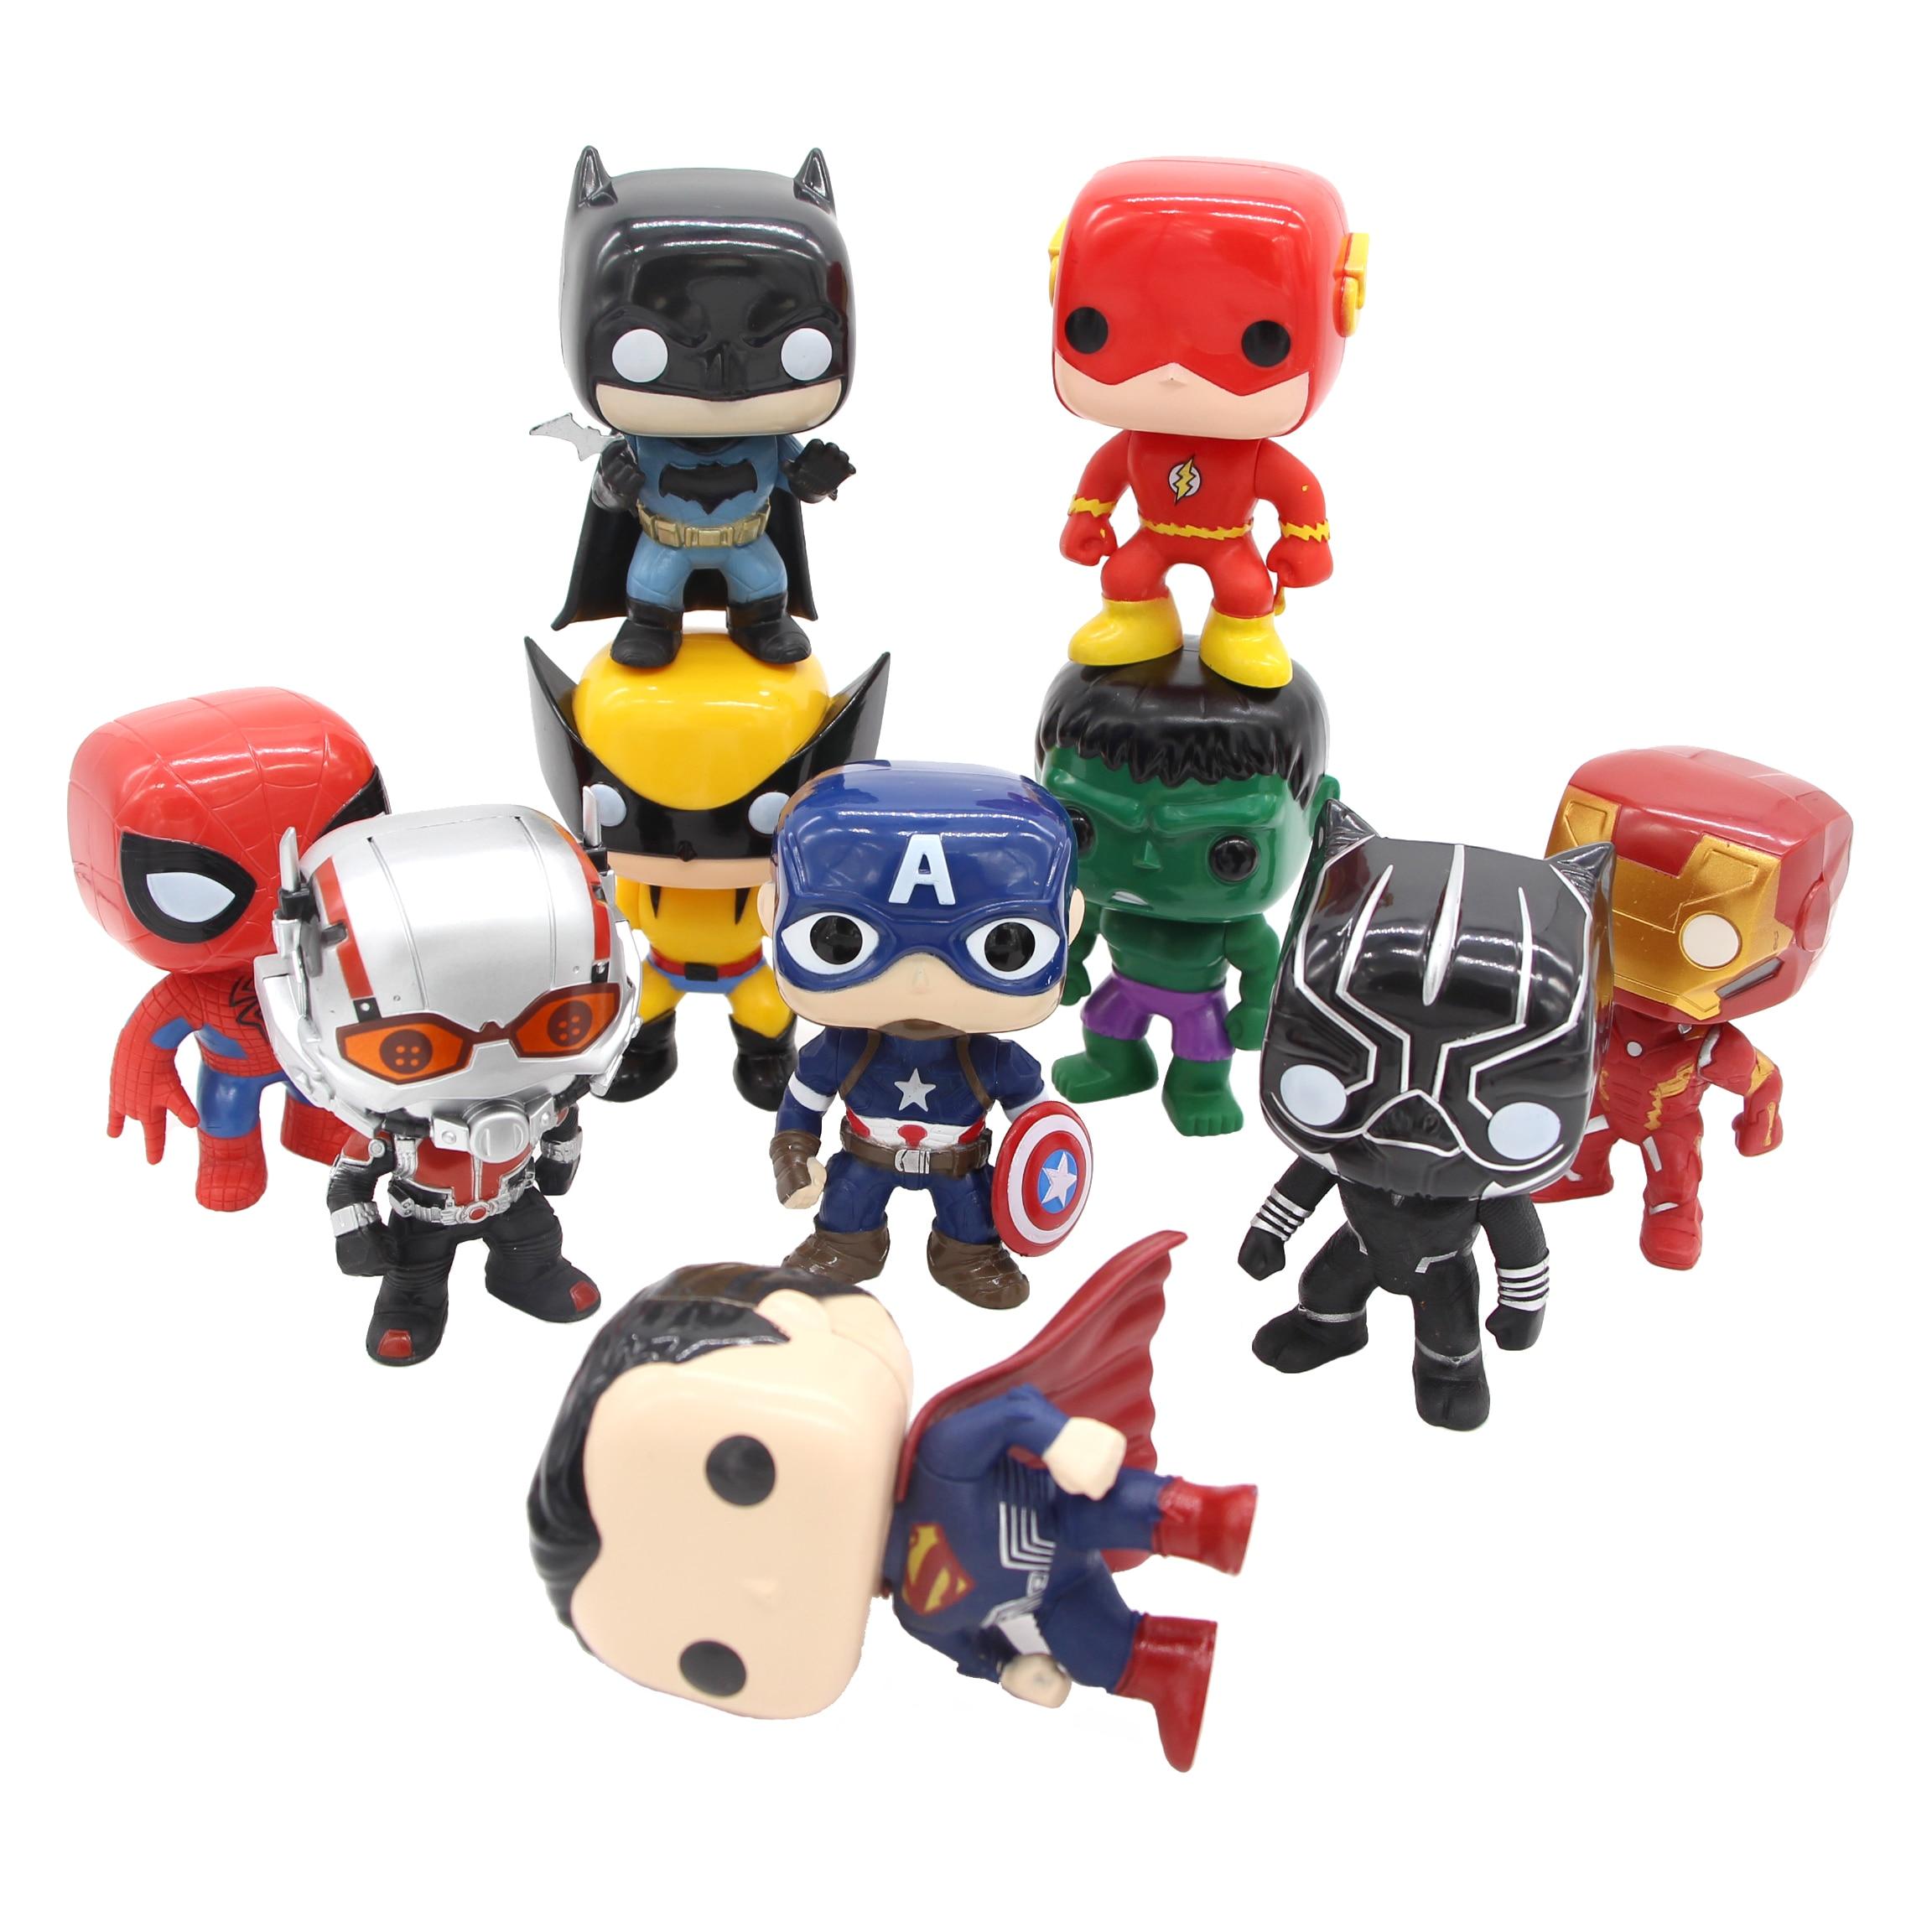 ᗐ10pcs/set DC Justice League & Marvel Avengers Super Hero ...